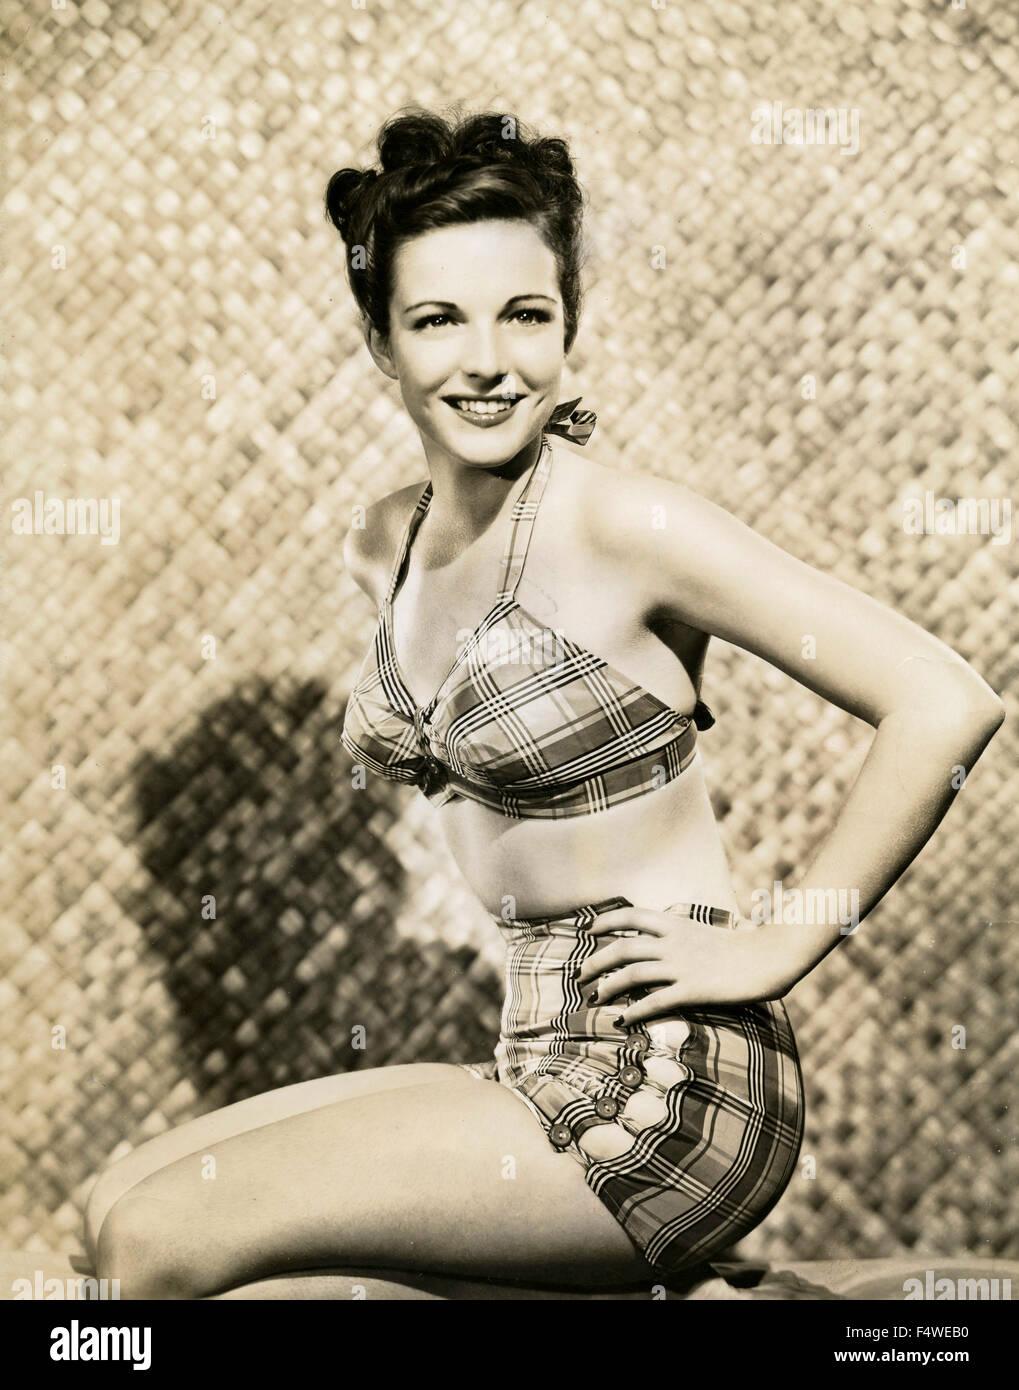 Olga Fonda picture